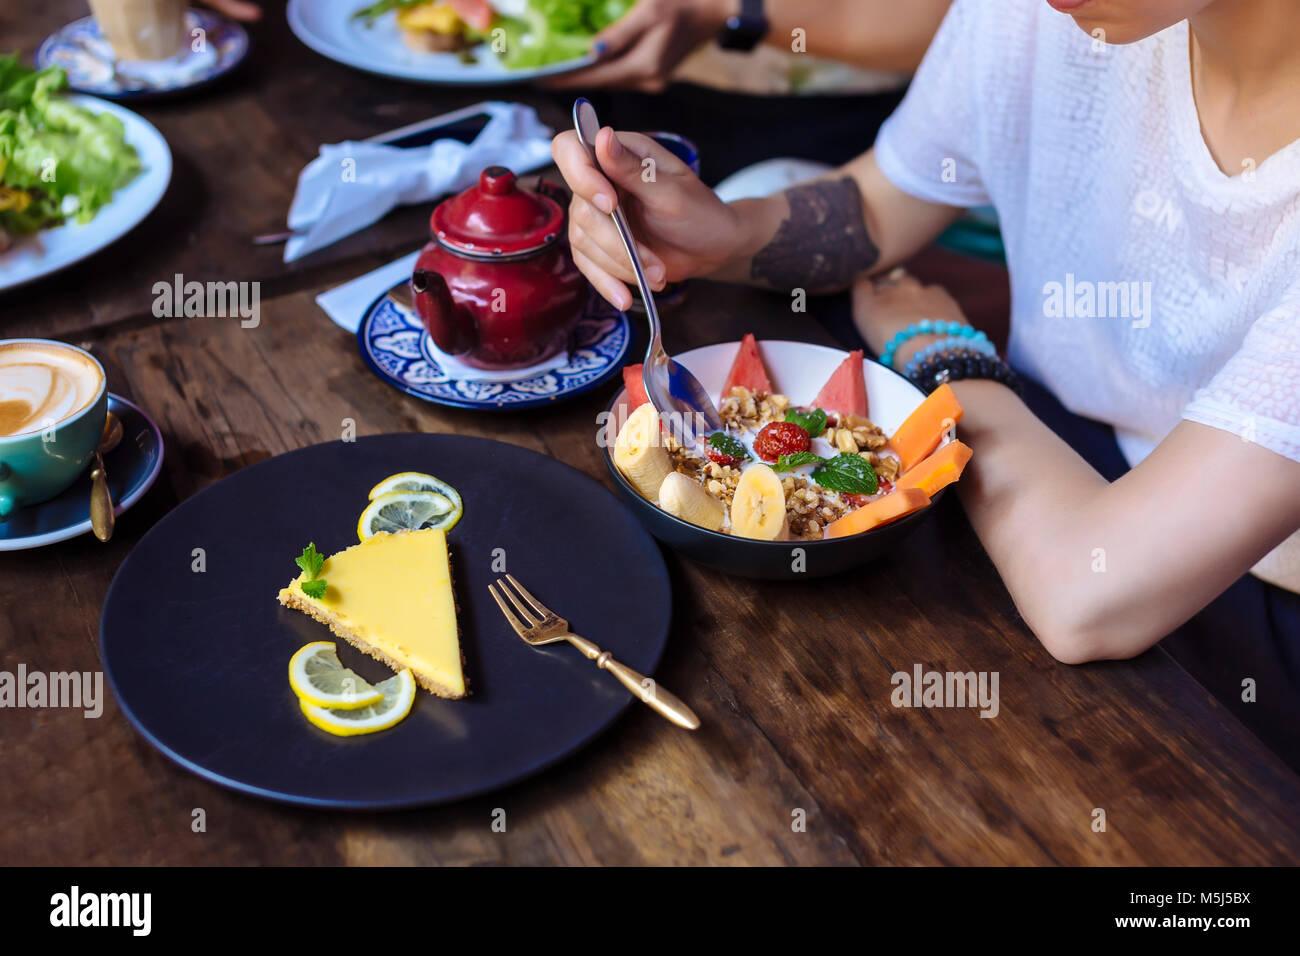 Frau mit einer gesunden Mahlzeit in einem Cafe Stockbild